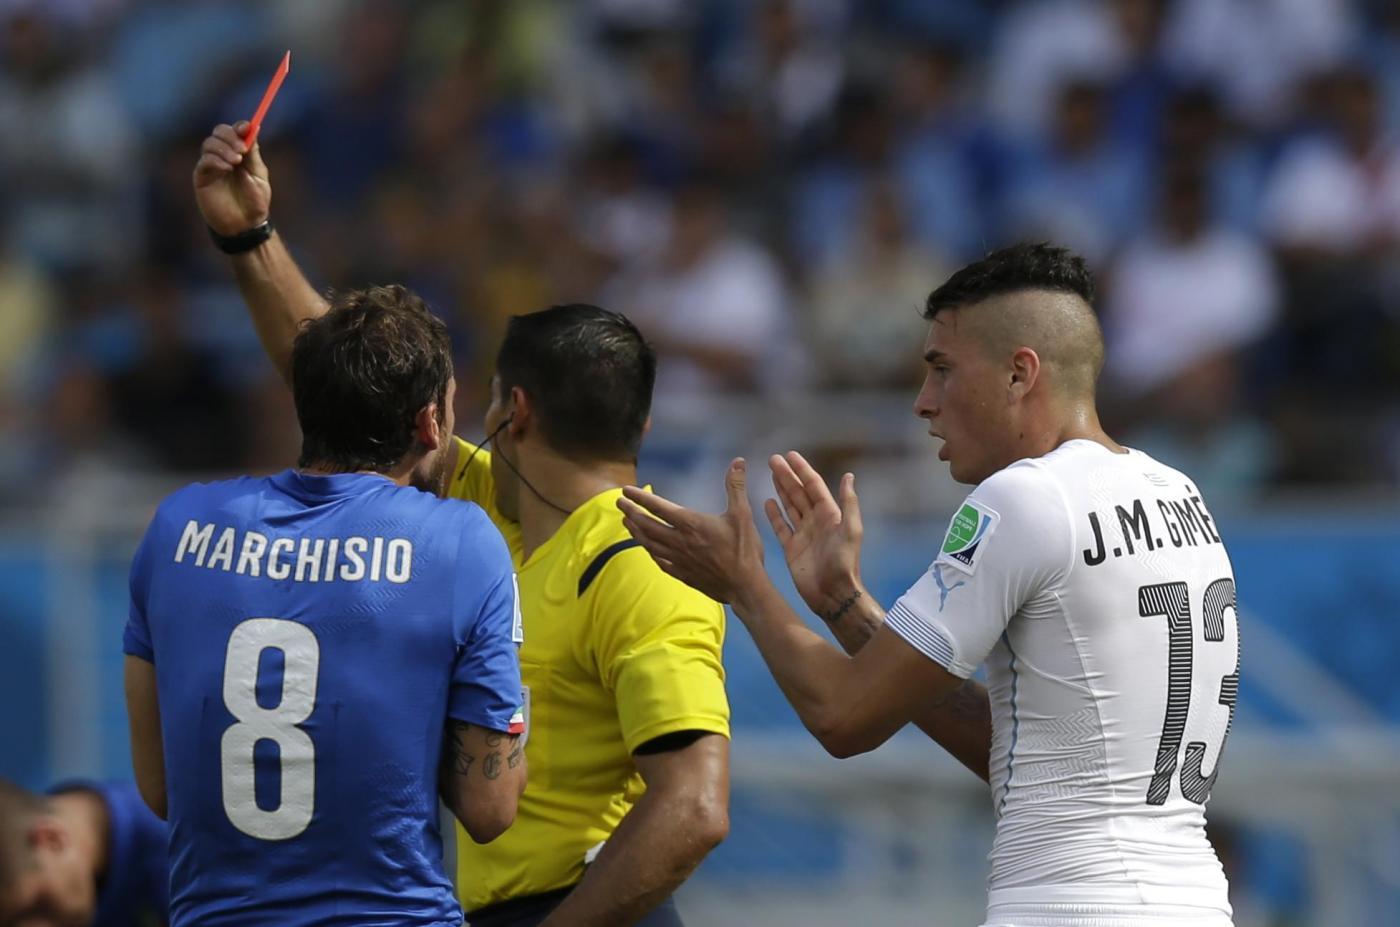 Mondiali 2014: Italia vs Uruguay 0-1, azzurri fuori tra le polemiche